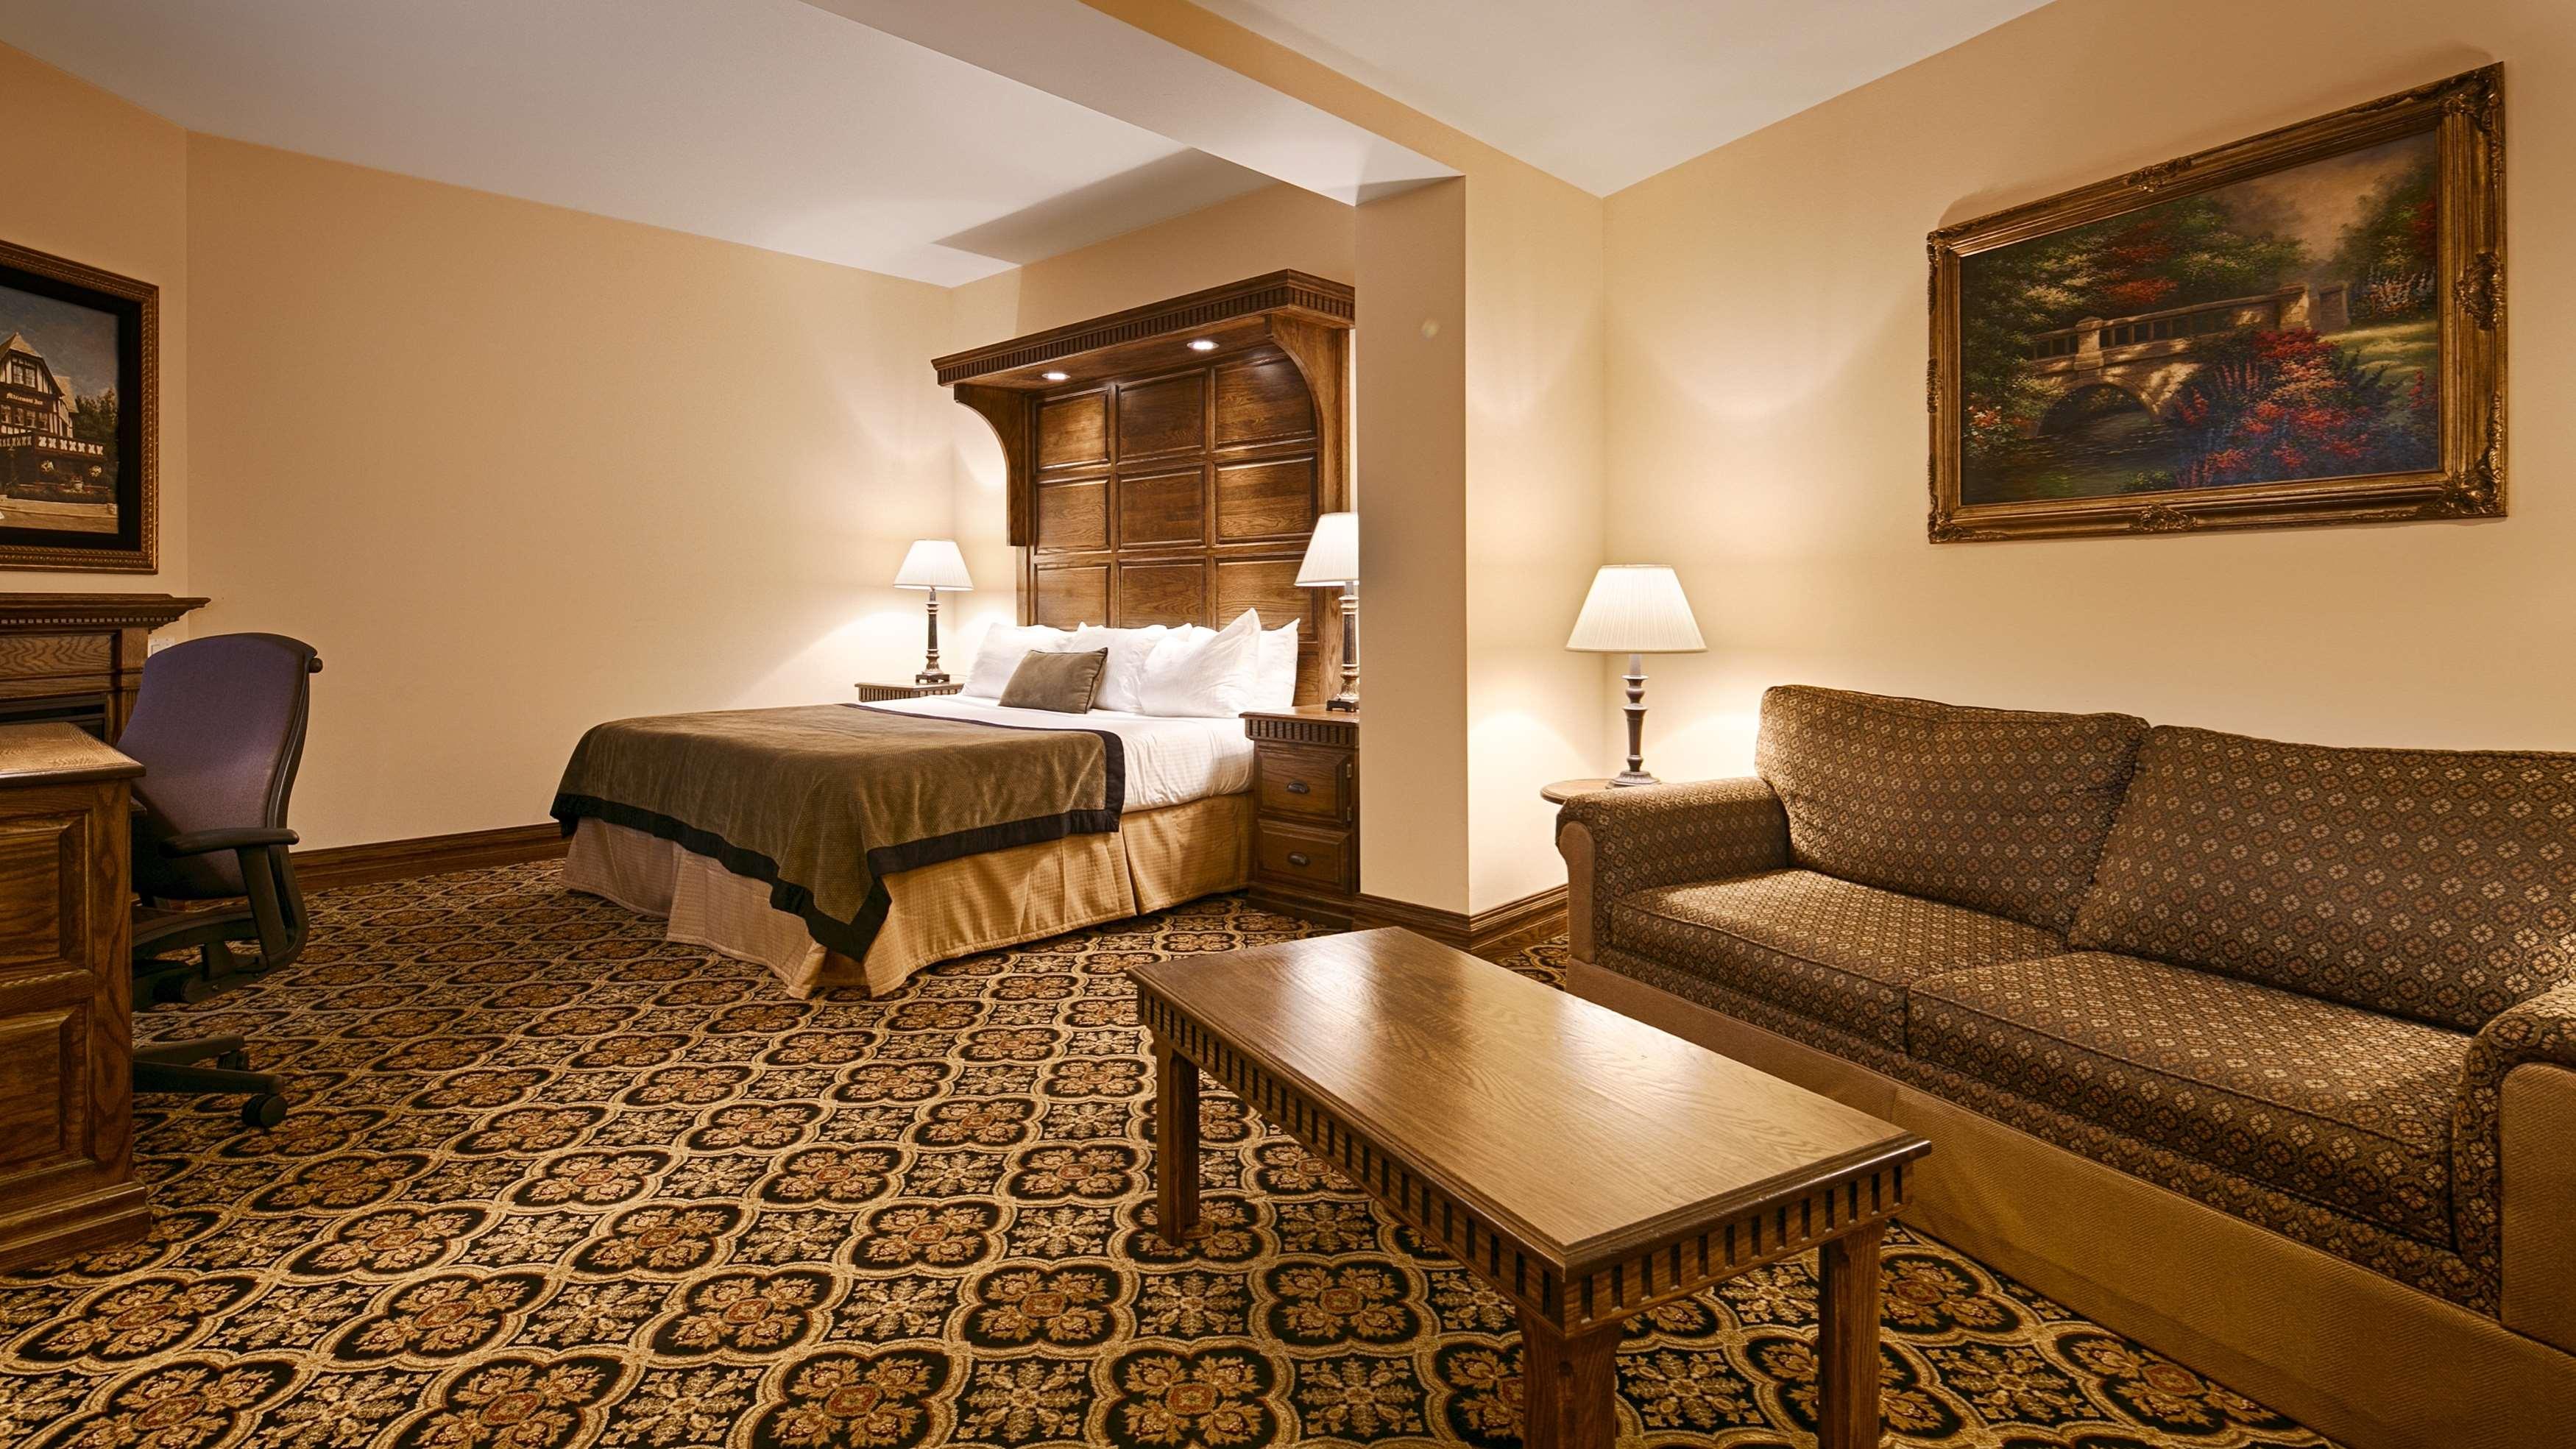 Luxury Hilton Garden Inn Wooster Adornment - Brown Nature Garden ...